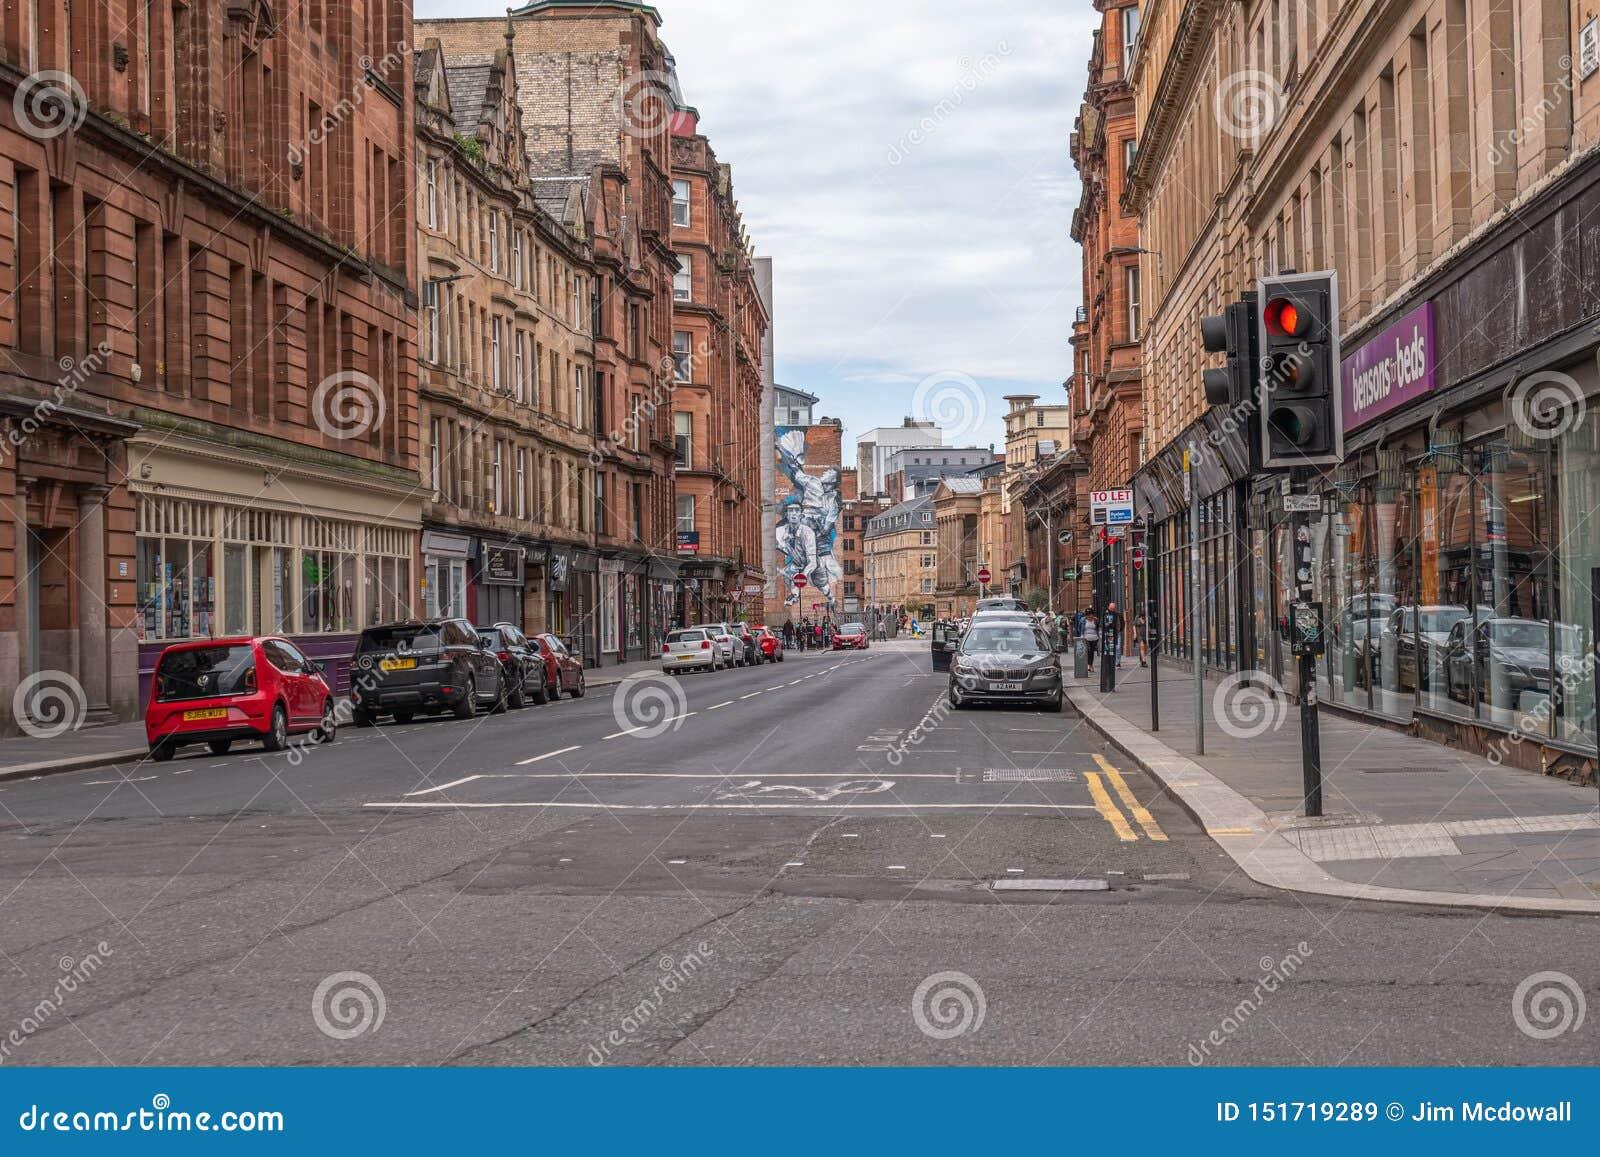 Imponująco architektura centrum miasta Glasgow przyglądający w górę Dzwonkowej ulicy i Czerwonego światła ruchu przy złączem